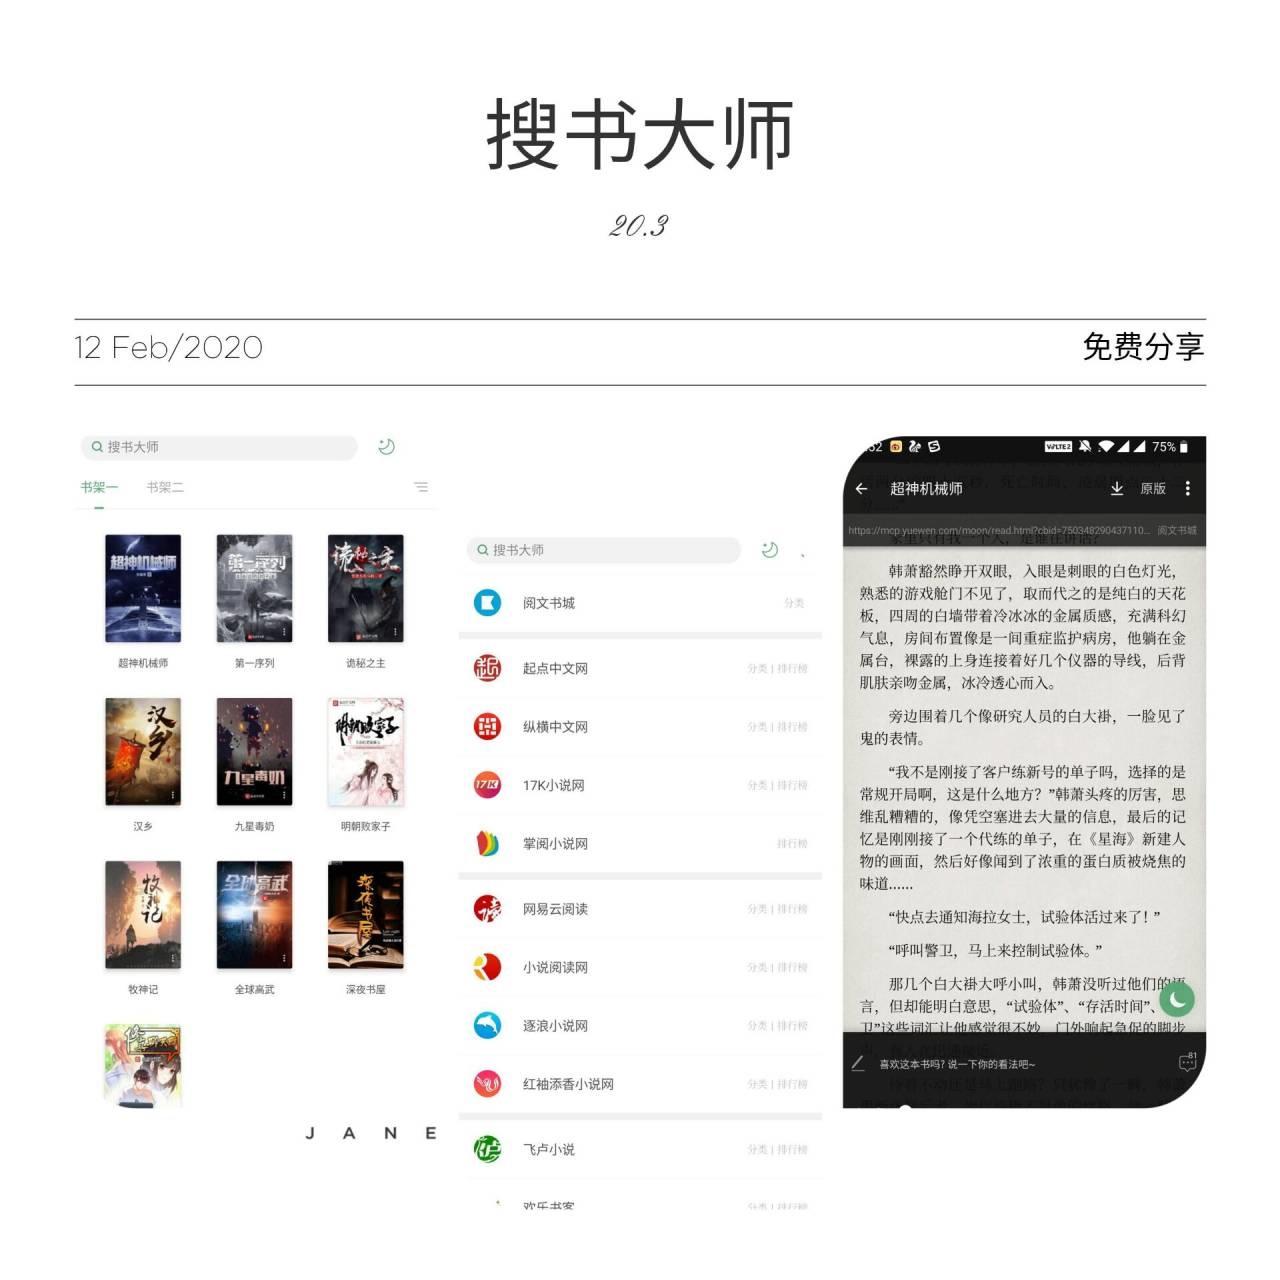 【资源分享】搜书大师【免费阅读】